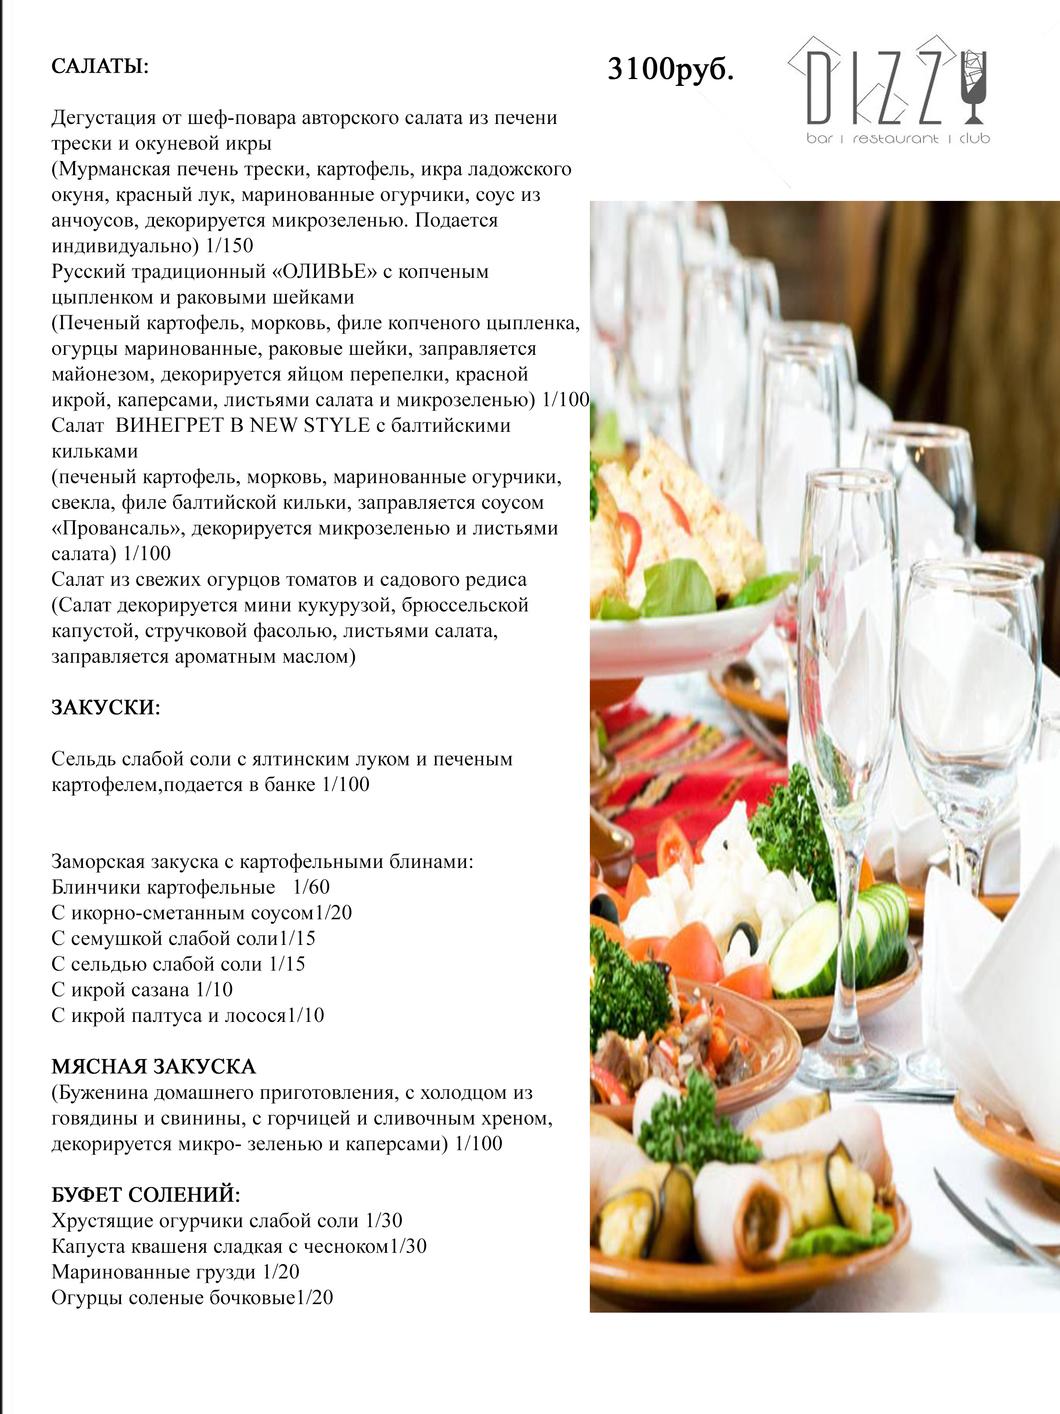 Рецепты блюд для банкета с пошагово